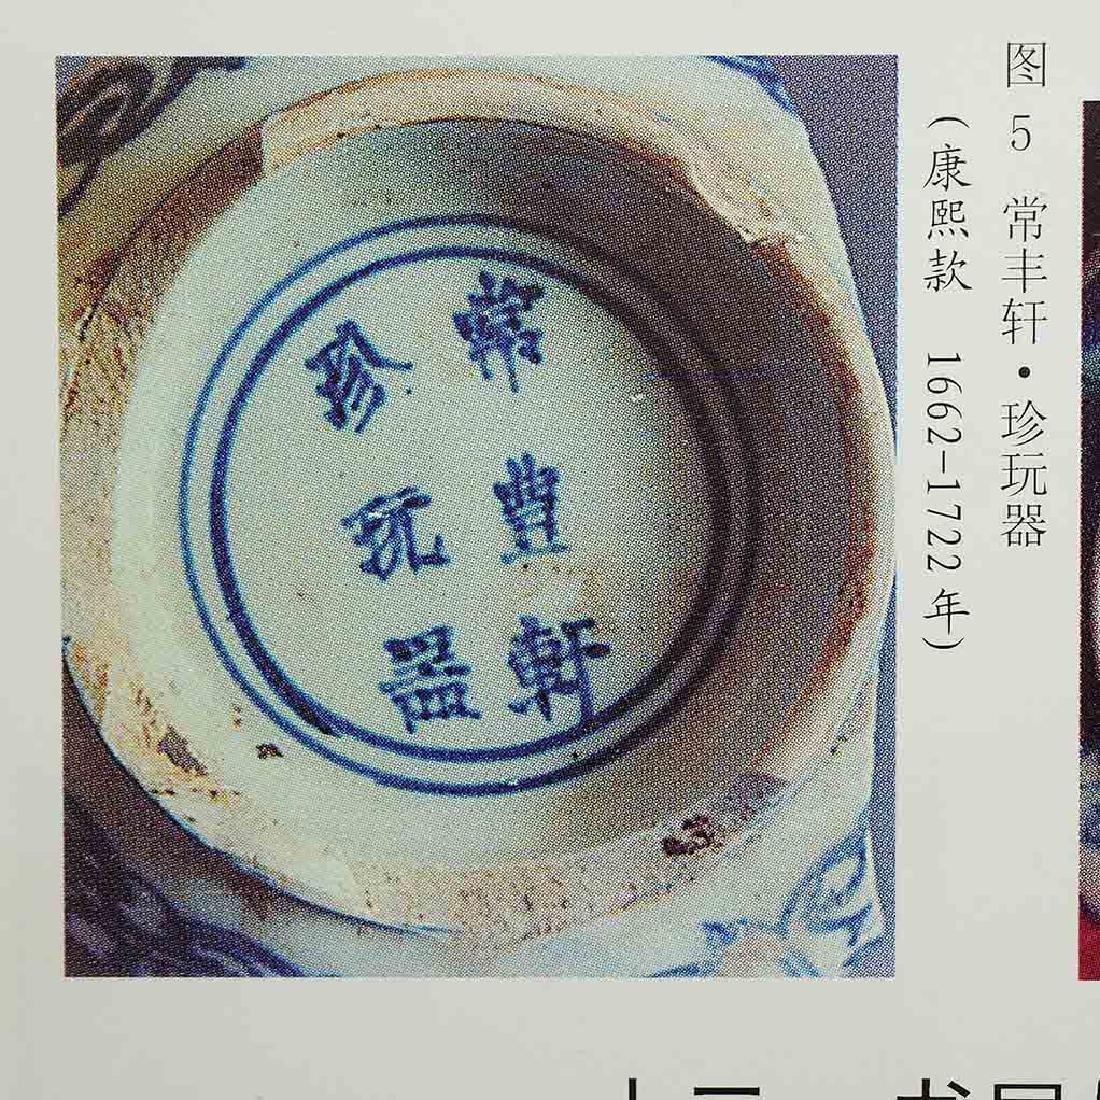 Flared-Rim Censer, Kangxi Mark, Qing Dynasty - 8